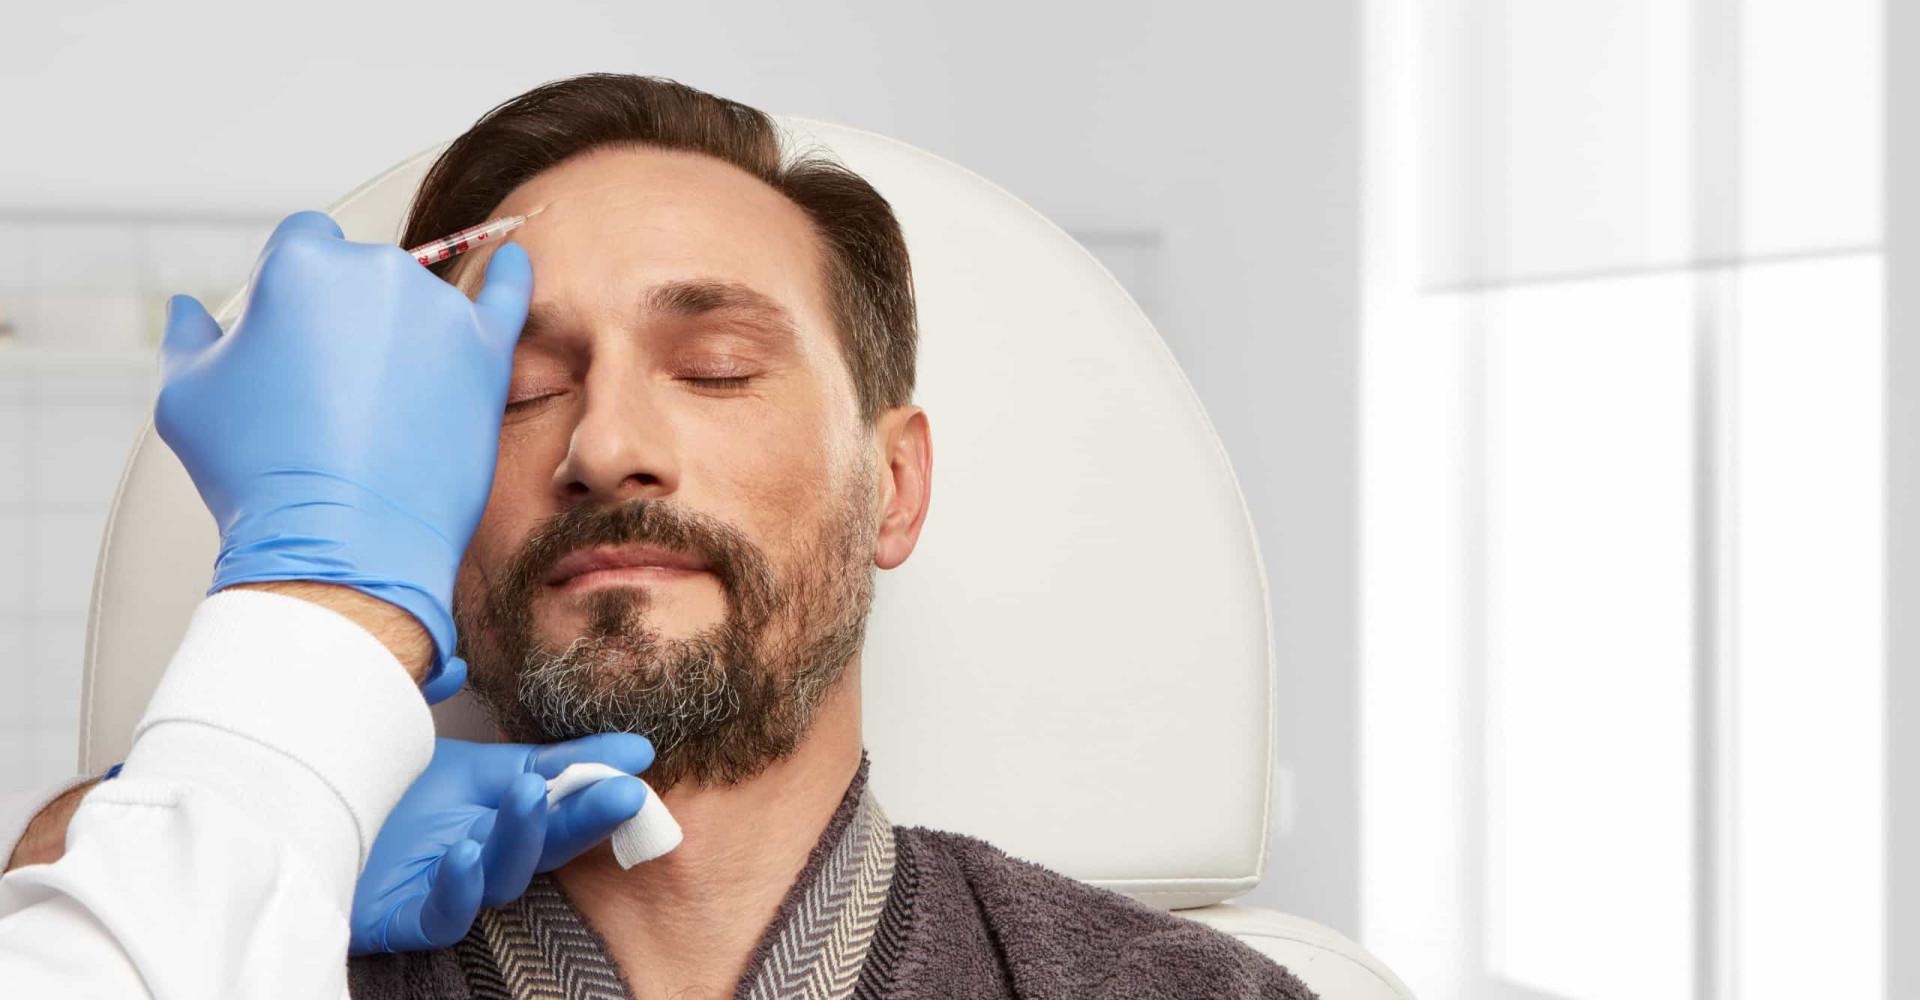 Op welke leeftijd begin je aan botox?